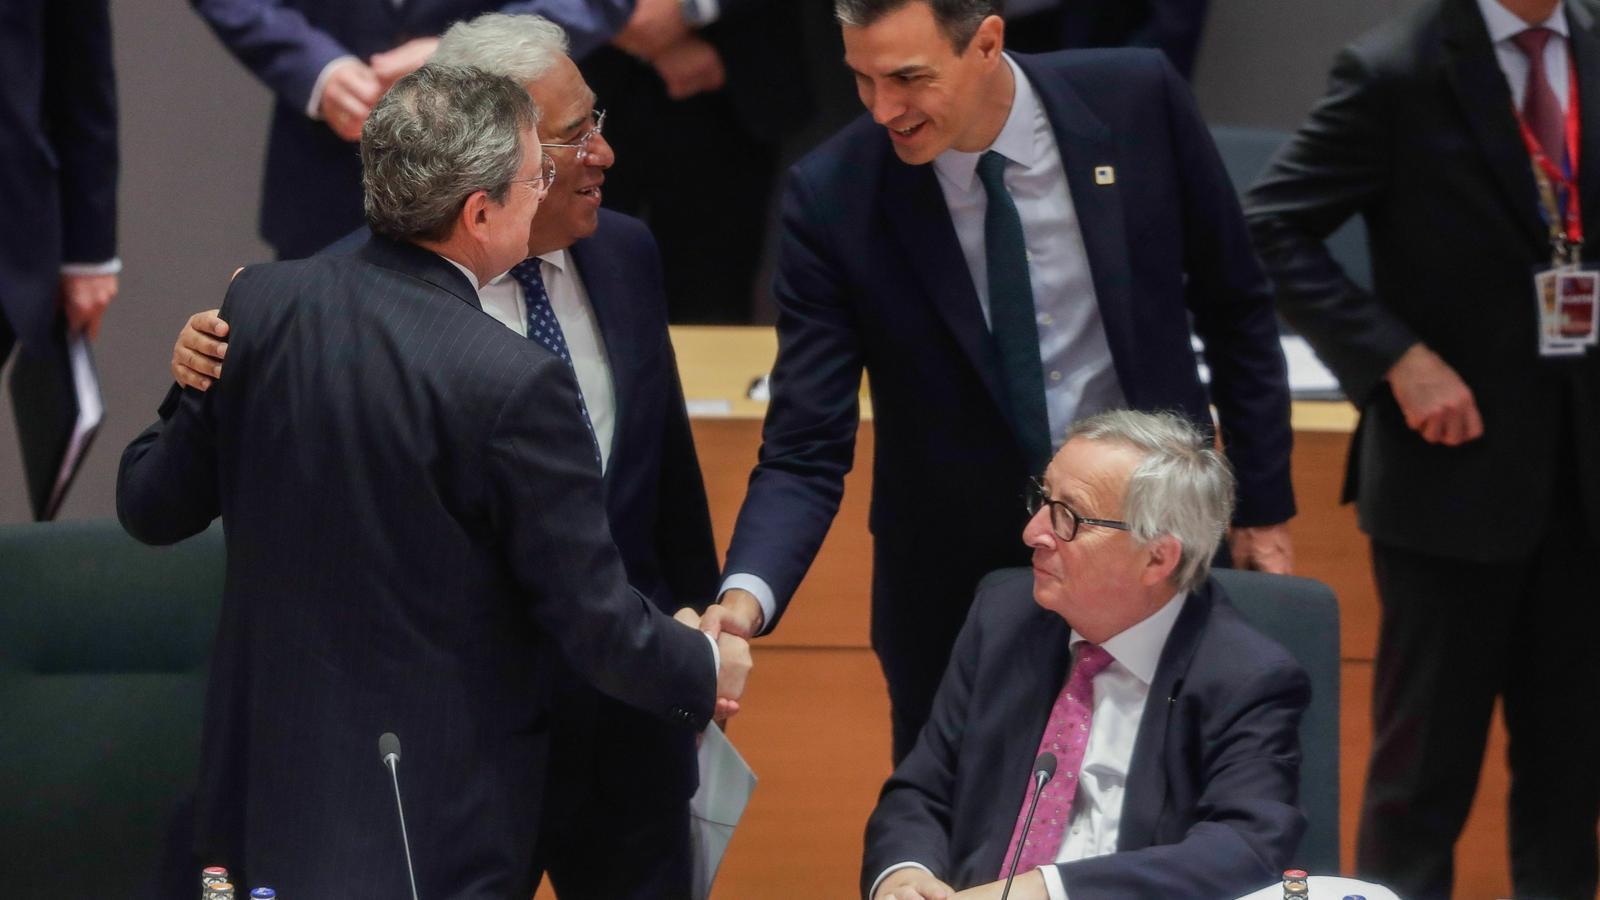 Els candidats oficials a liderar les institucions europees queden fora de la cursa